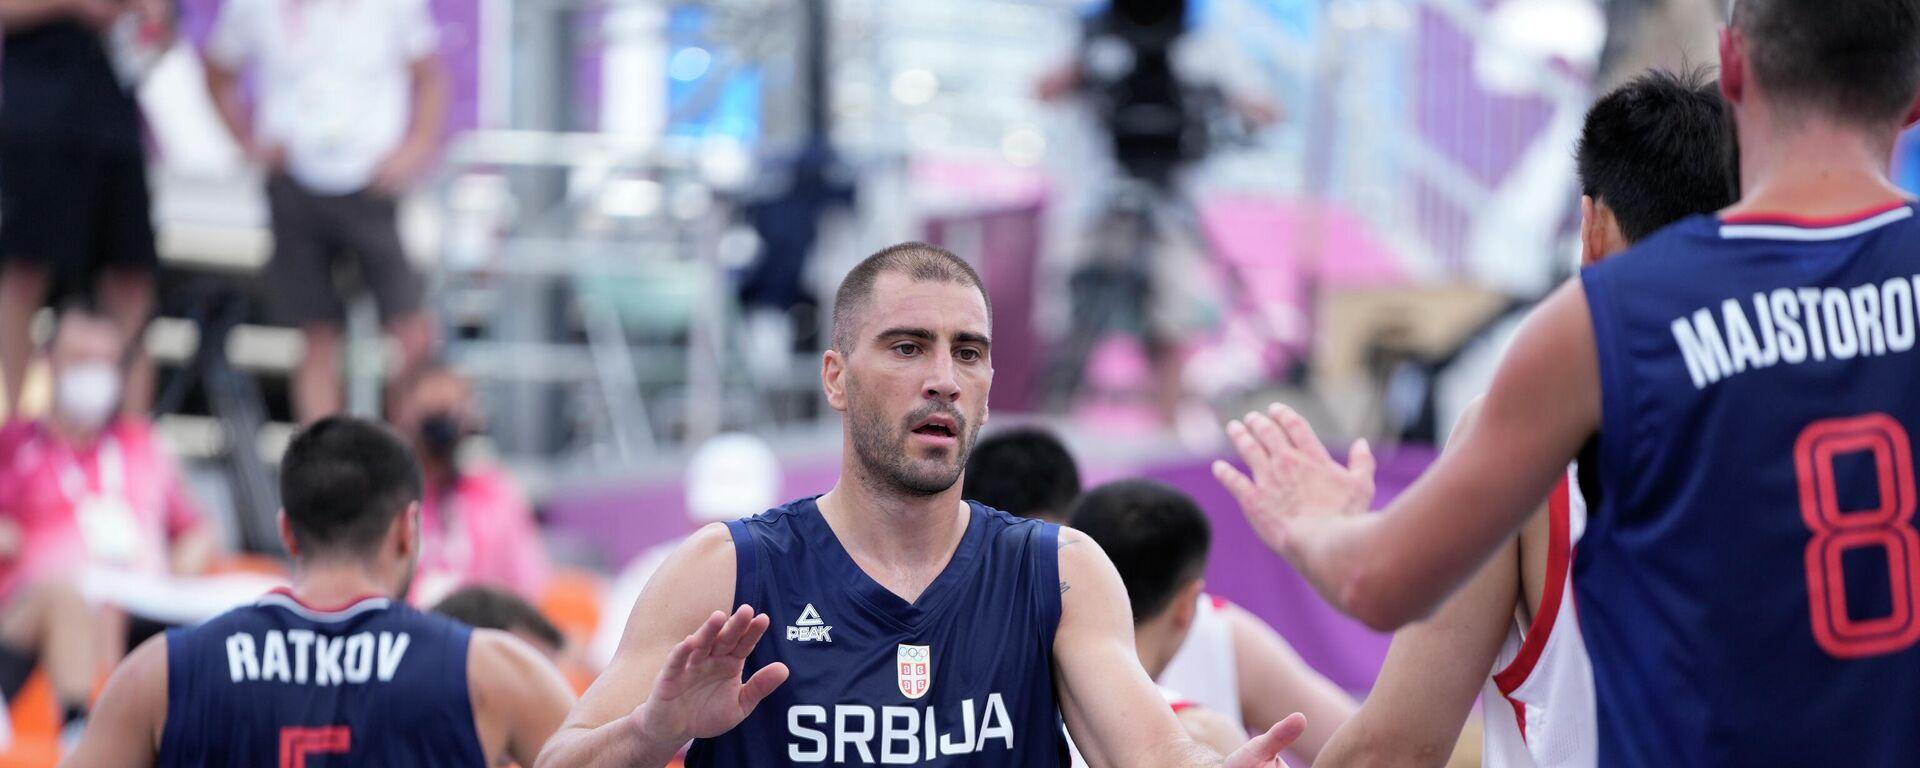 Basketaši Srbije - Sputnik Srbija, 1920, 24.07.2021